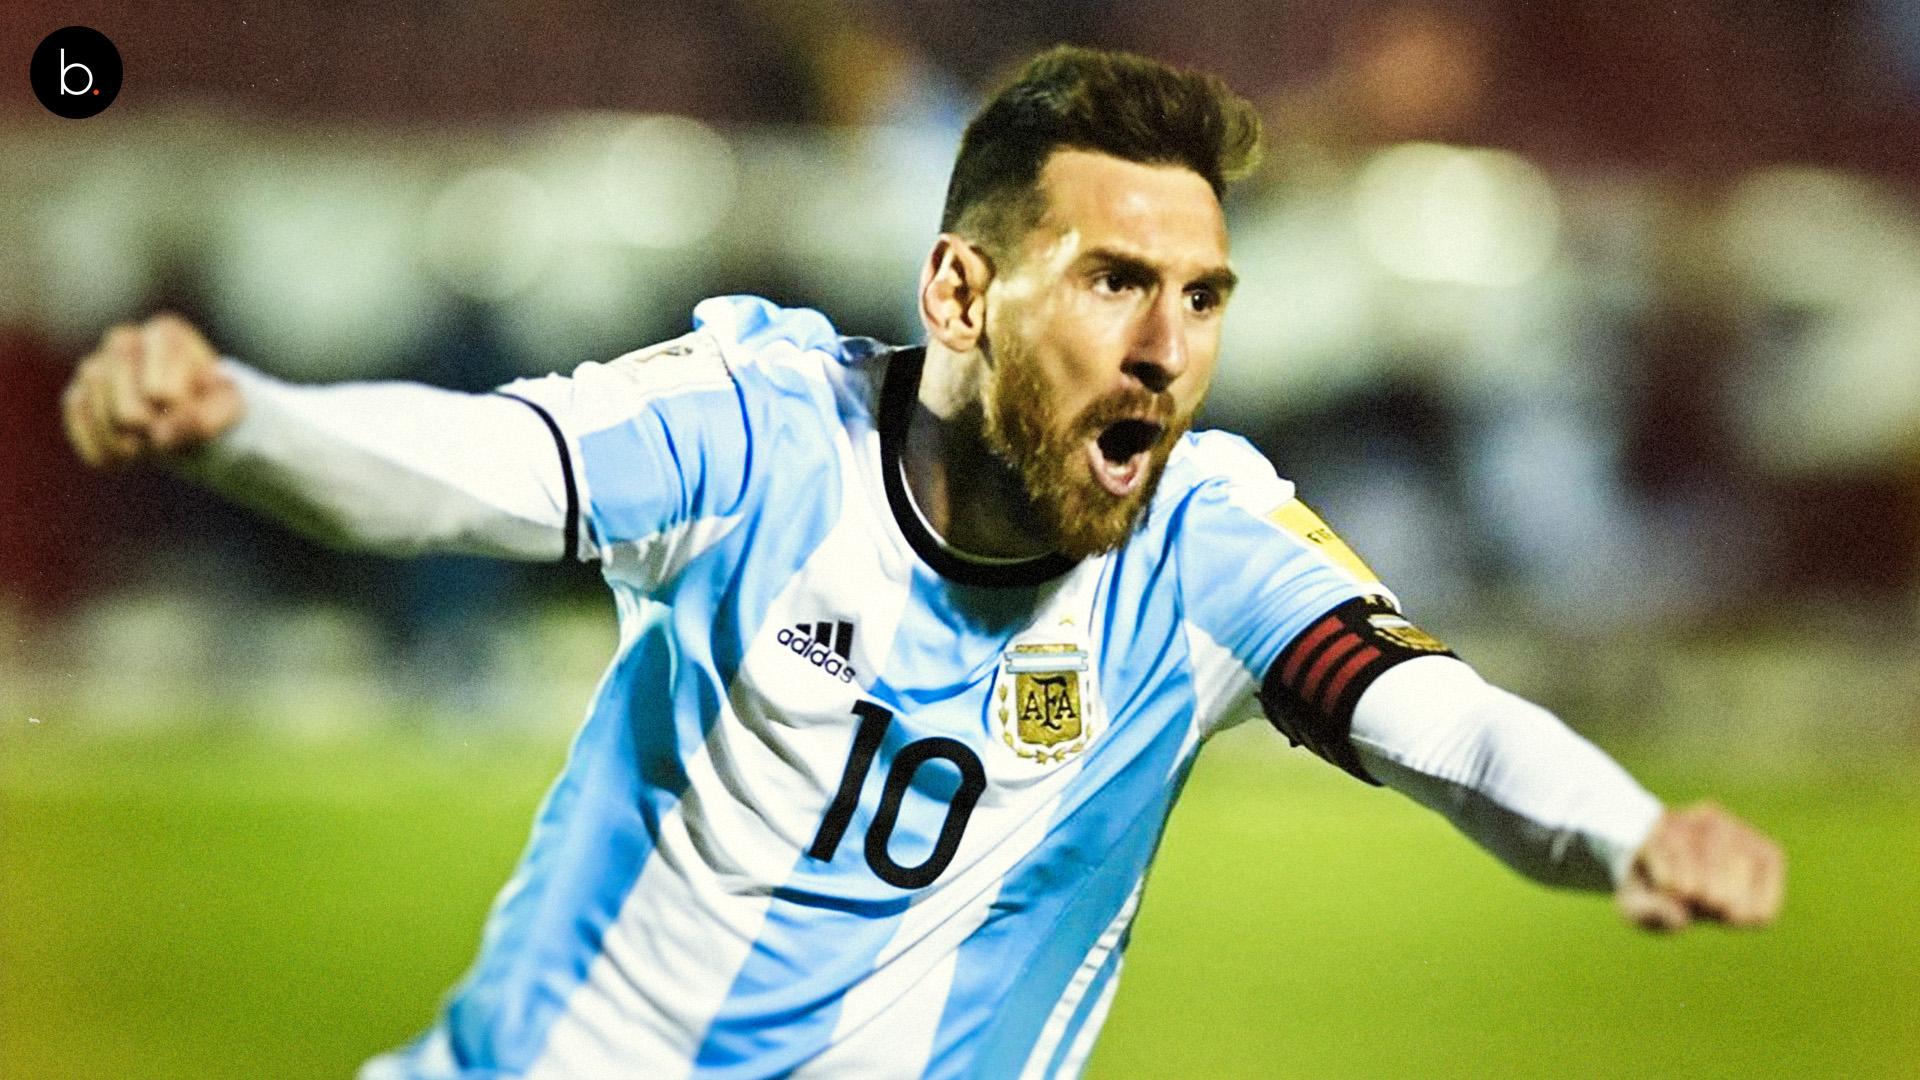 Rusia 2018: la última oportunidad para Messi